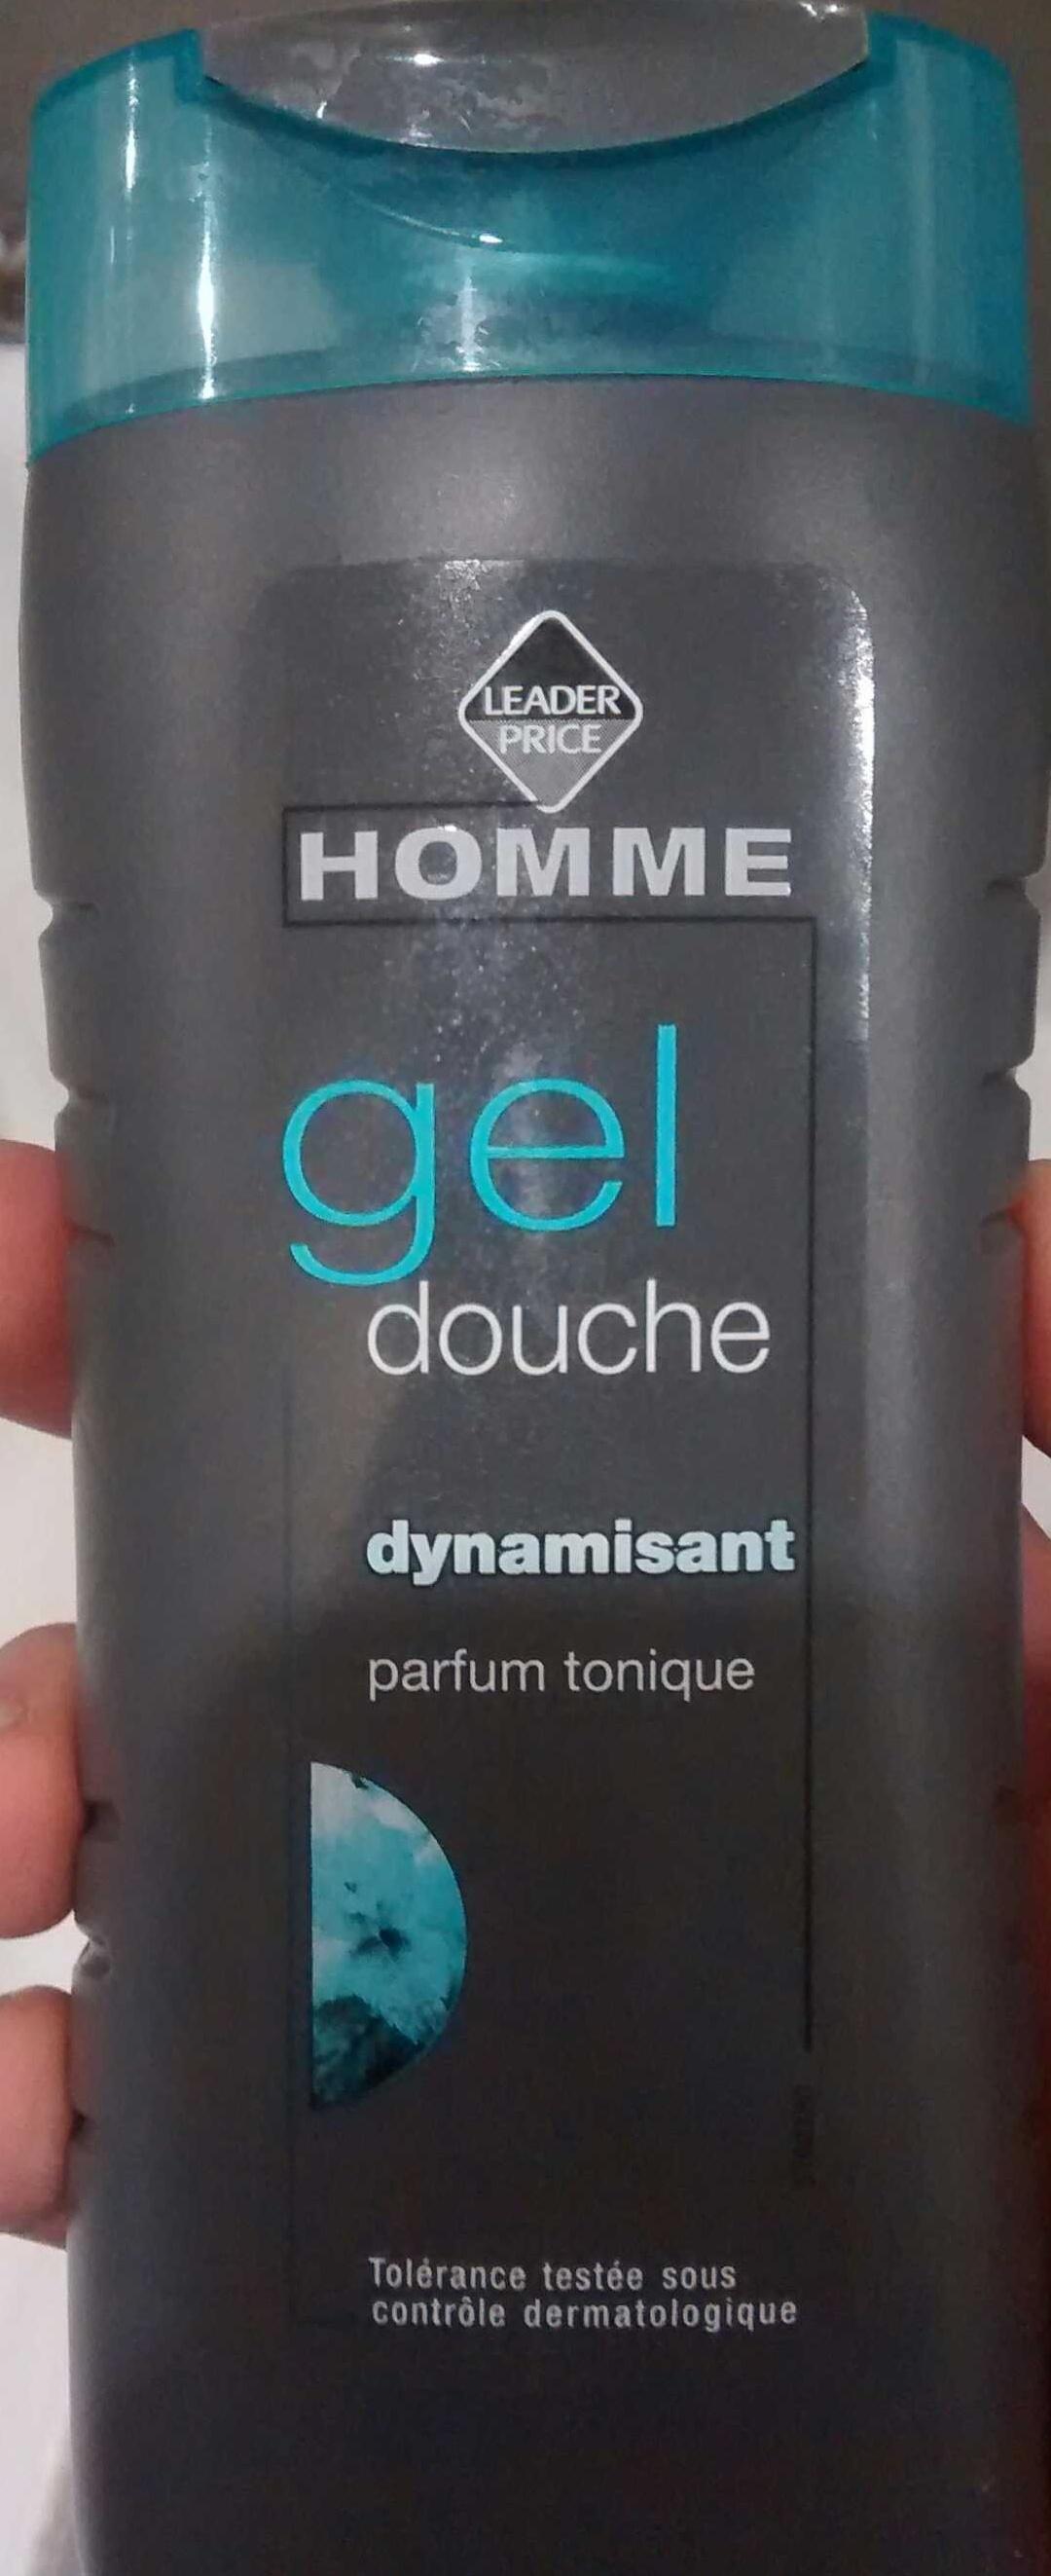 Gel douche homme dynamisant parfum tonique - Product - fr